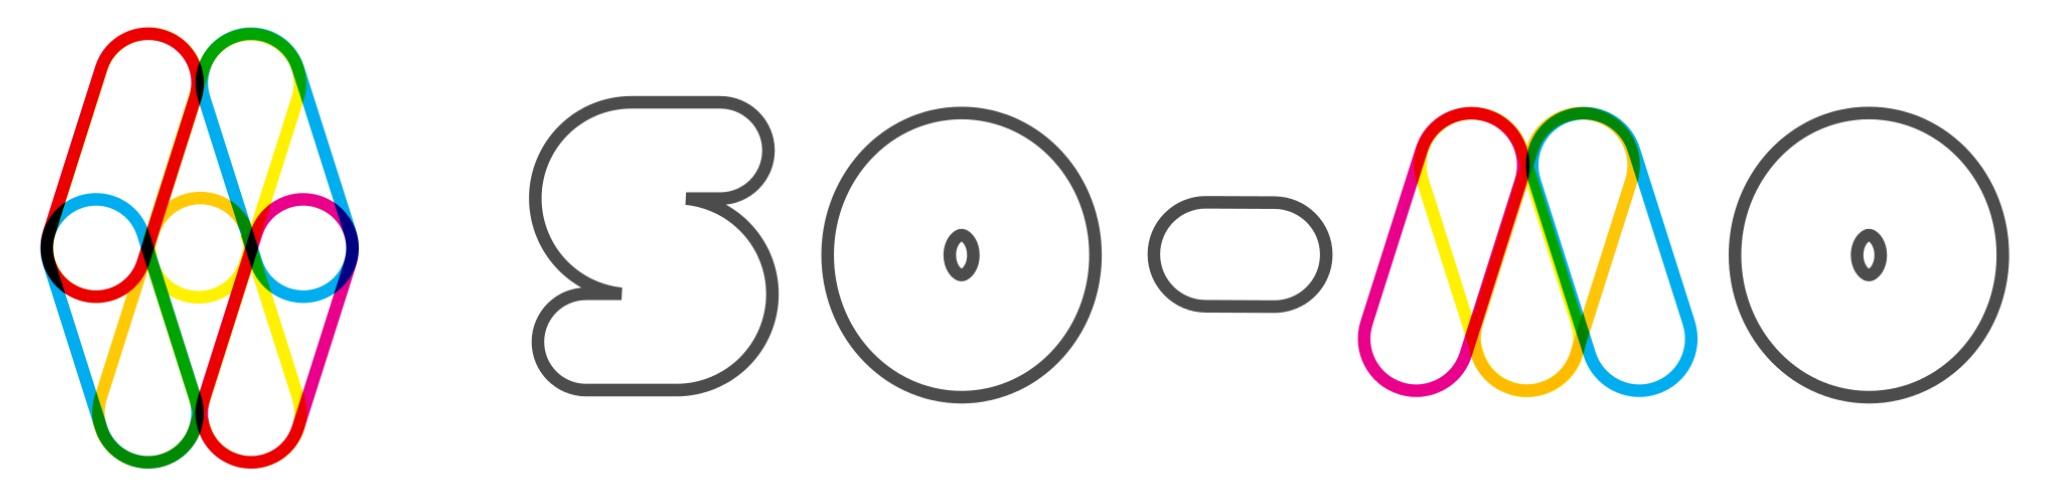 So-Mo logo